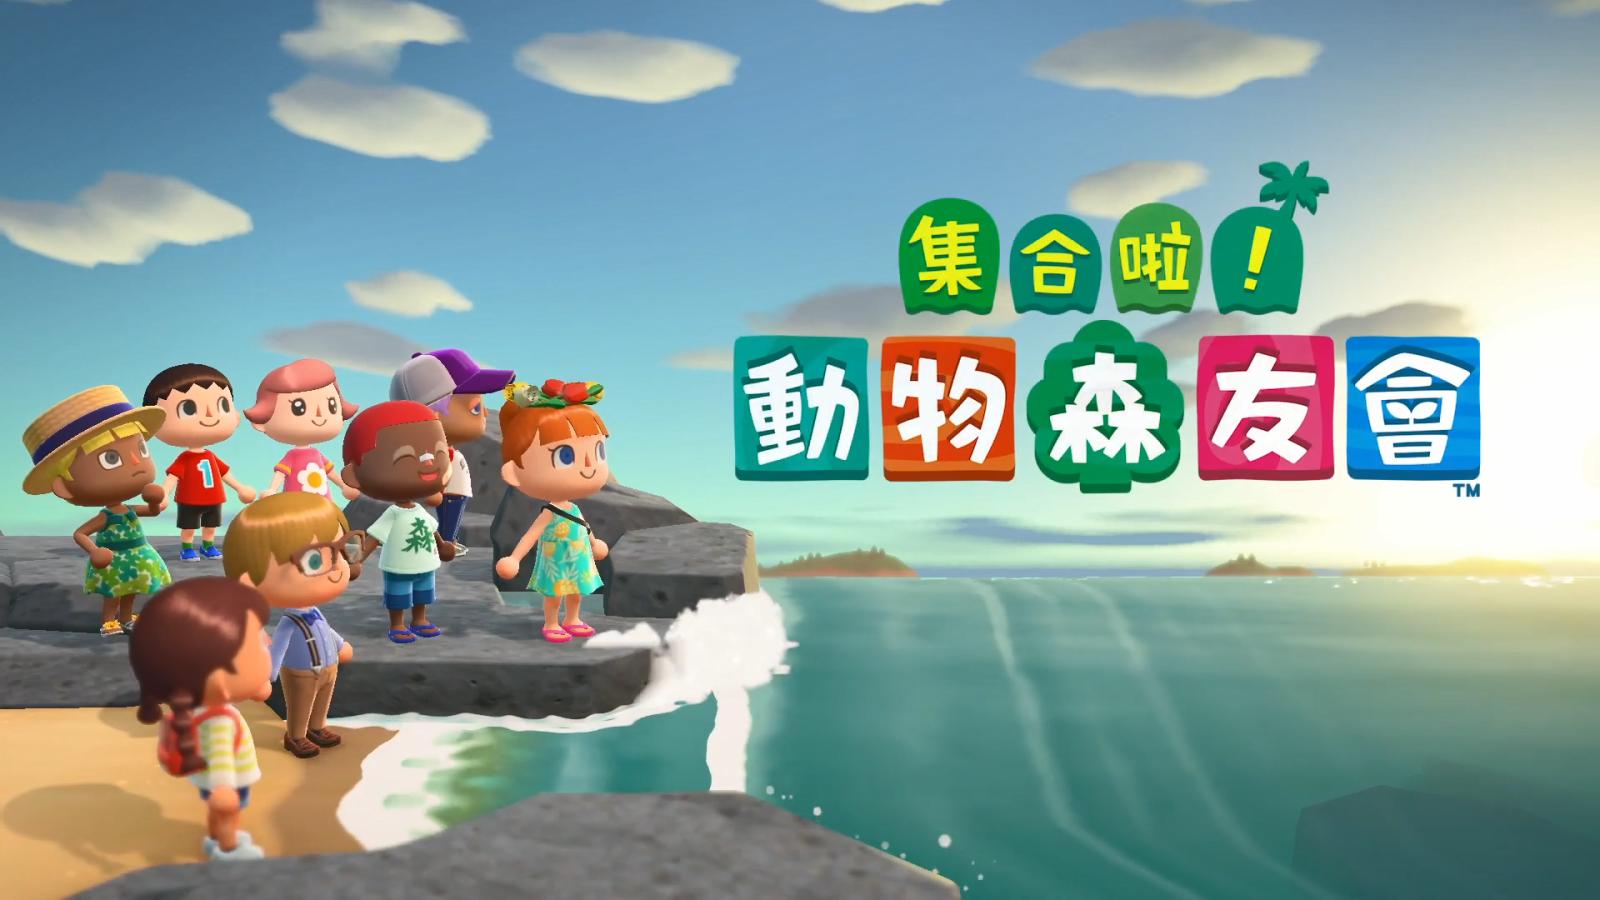 小动物讲中文?《集合啦!动物森友会》公布中文版 E3 预告片